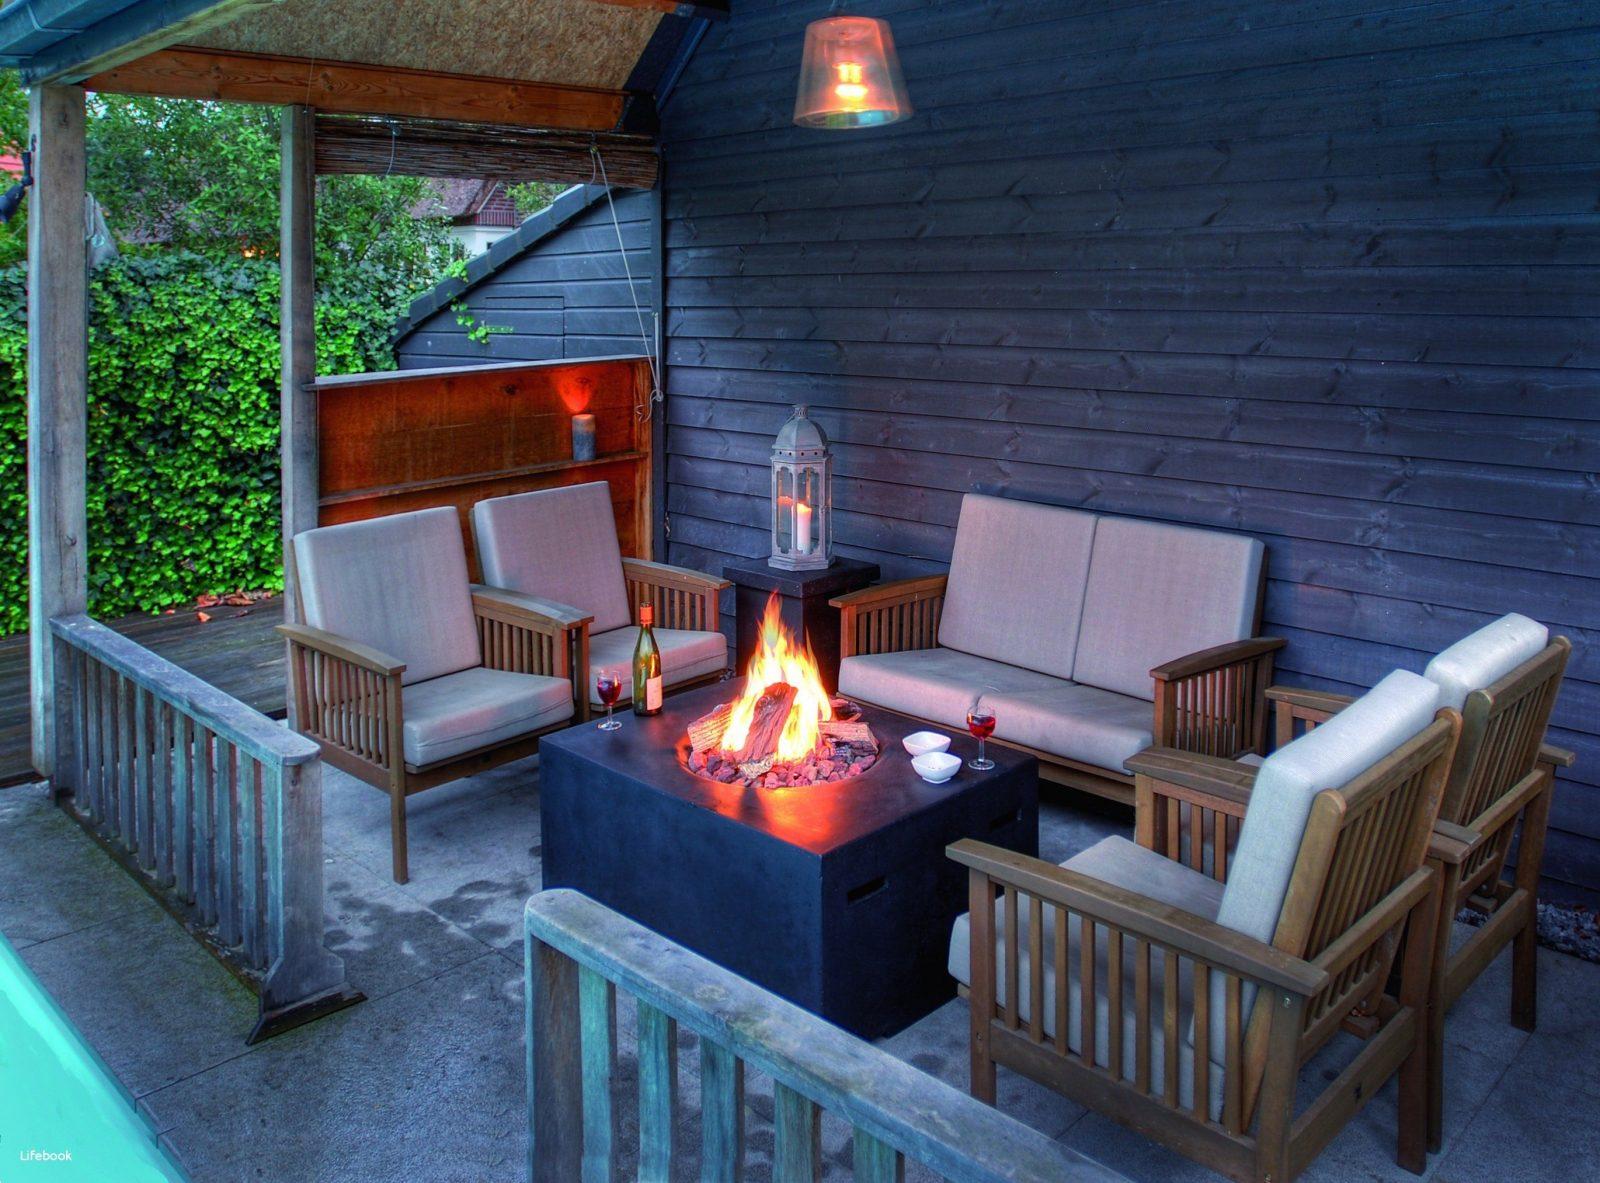 feuerstelle im garten erlaubt amazing feuerstelle im garten backyard fl beautiful best images. Black Bedroom Furniture Sets. Home Design Ideas